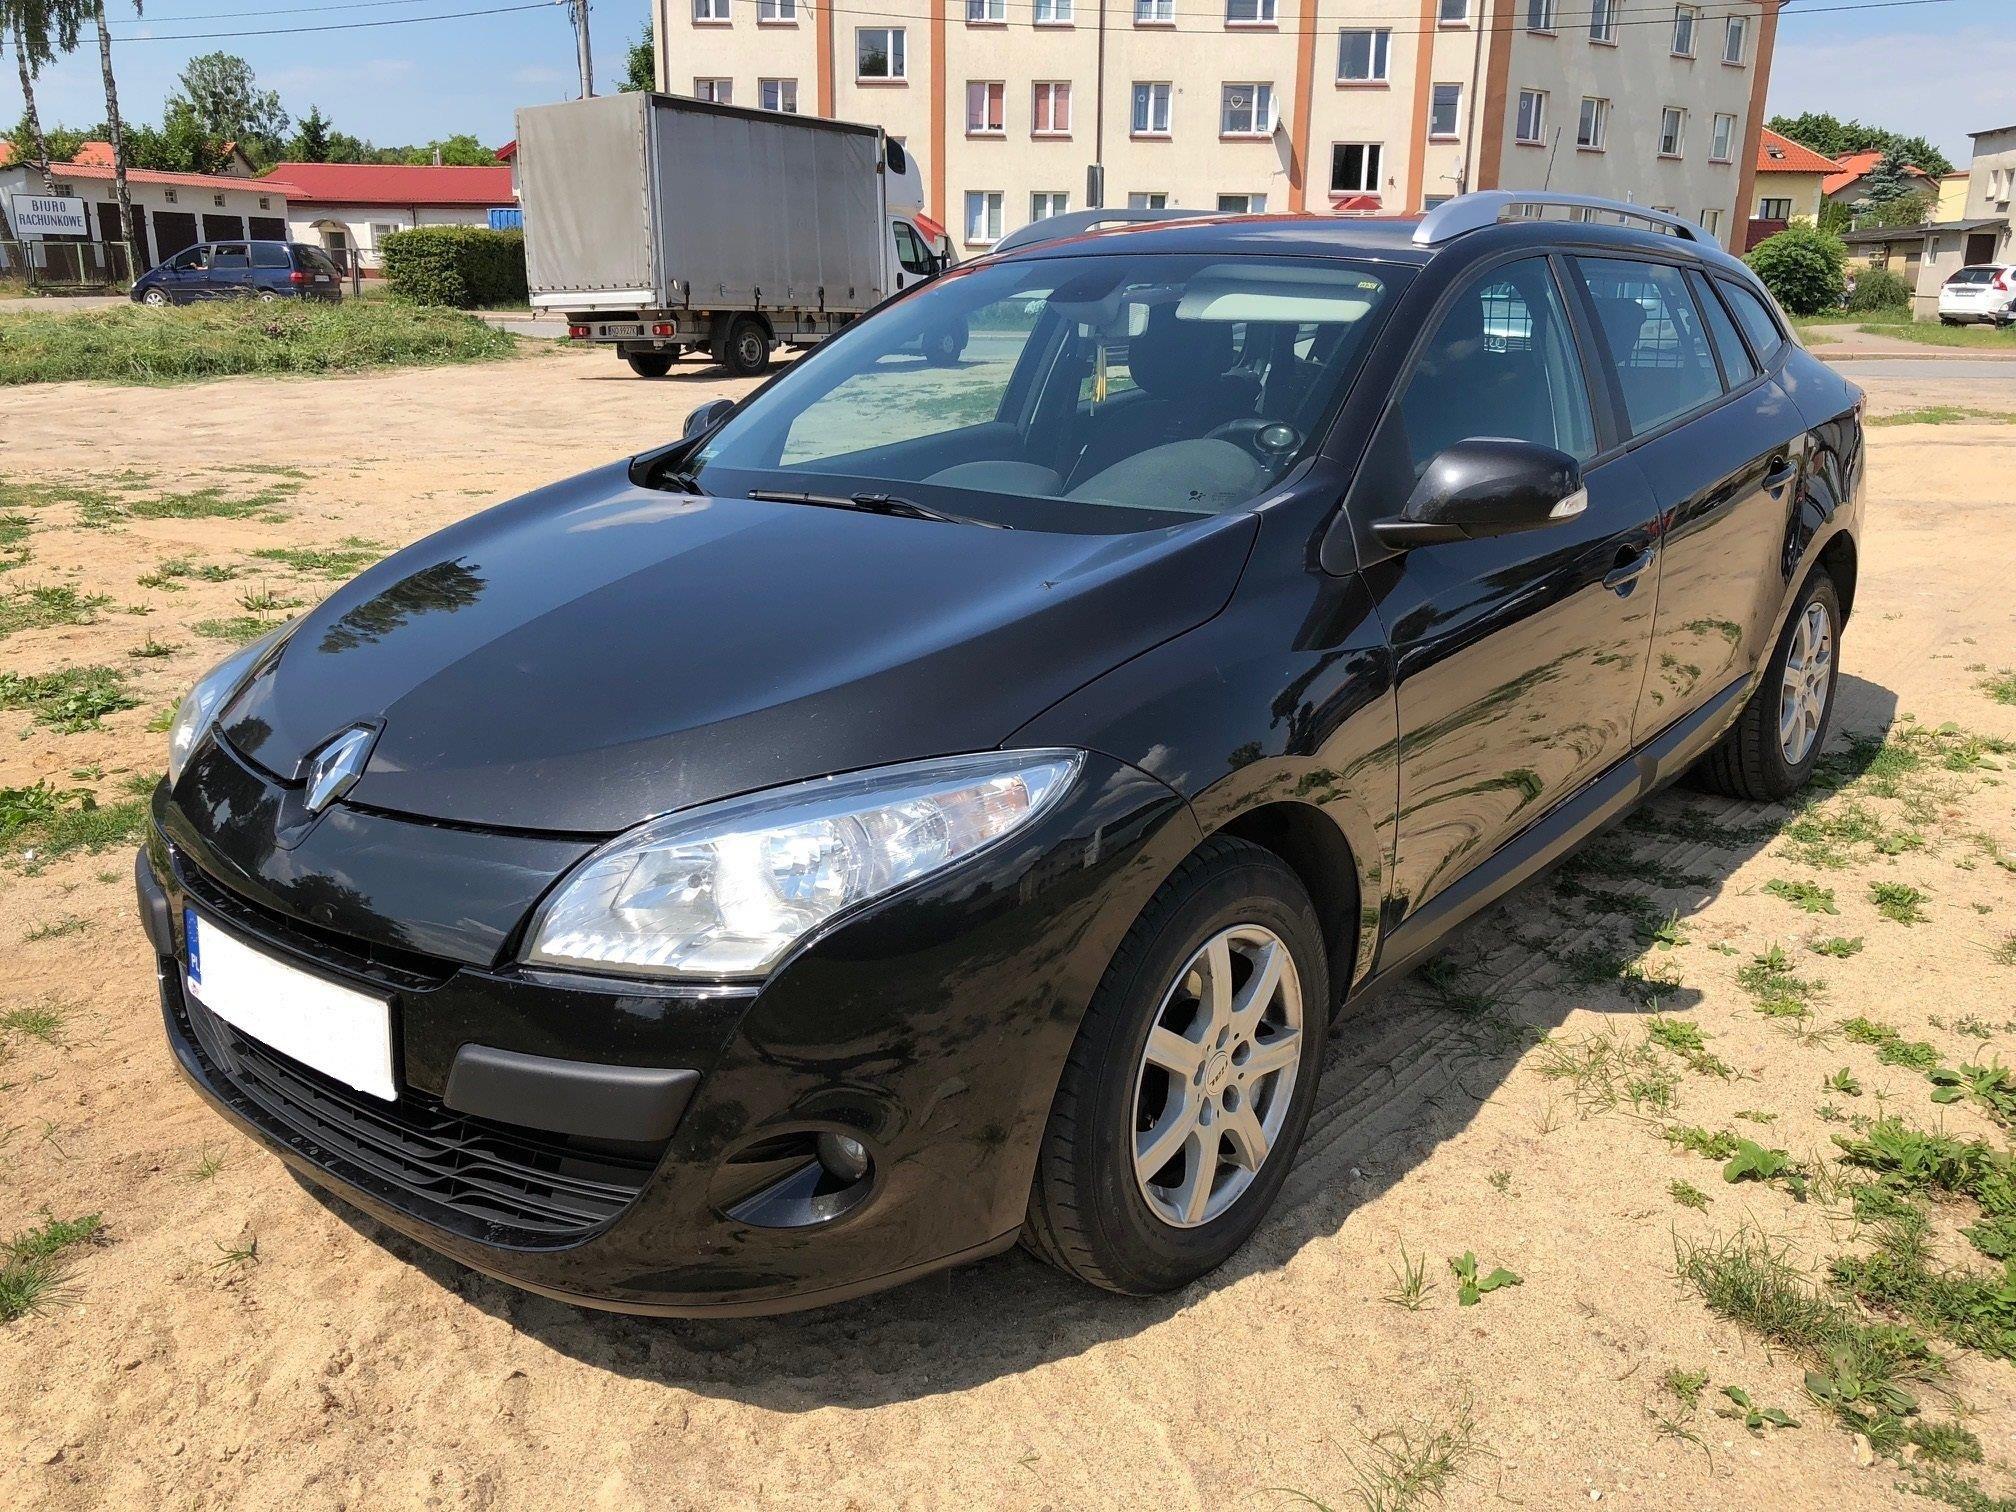 Renault Megane Iii 2010 138km Kombi Czarny Opinie I Ceny Na Ceneo Pl